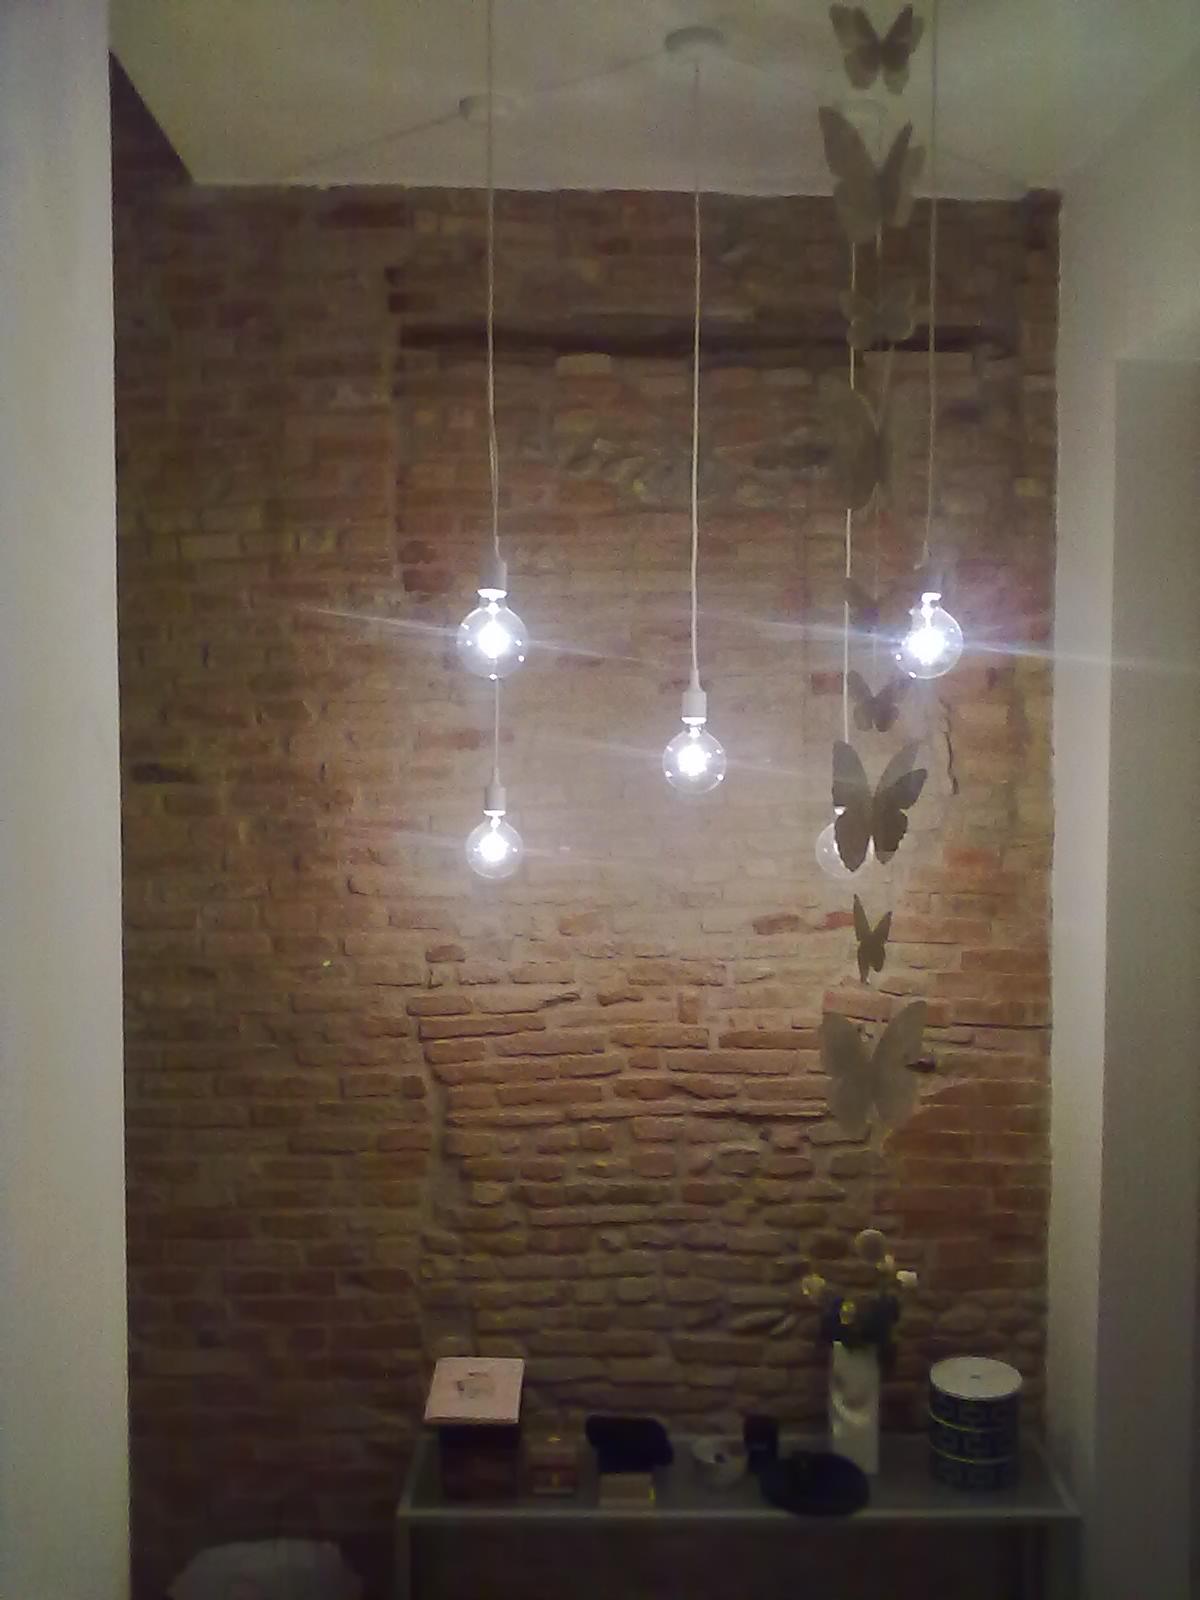 Forum Arredamento.it •Lampadari a sospensione per cucina